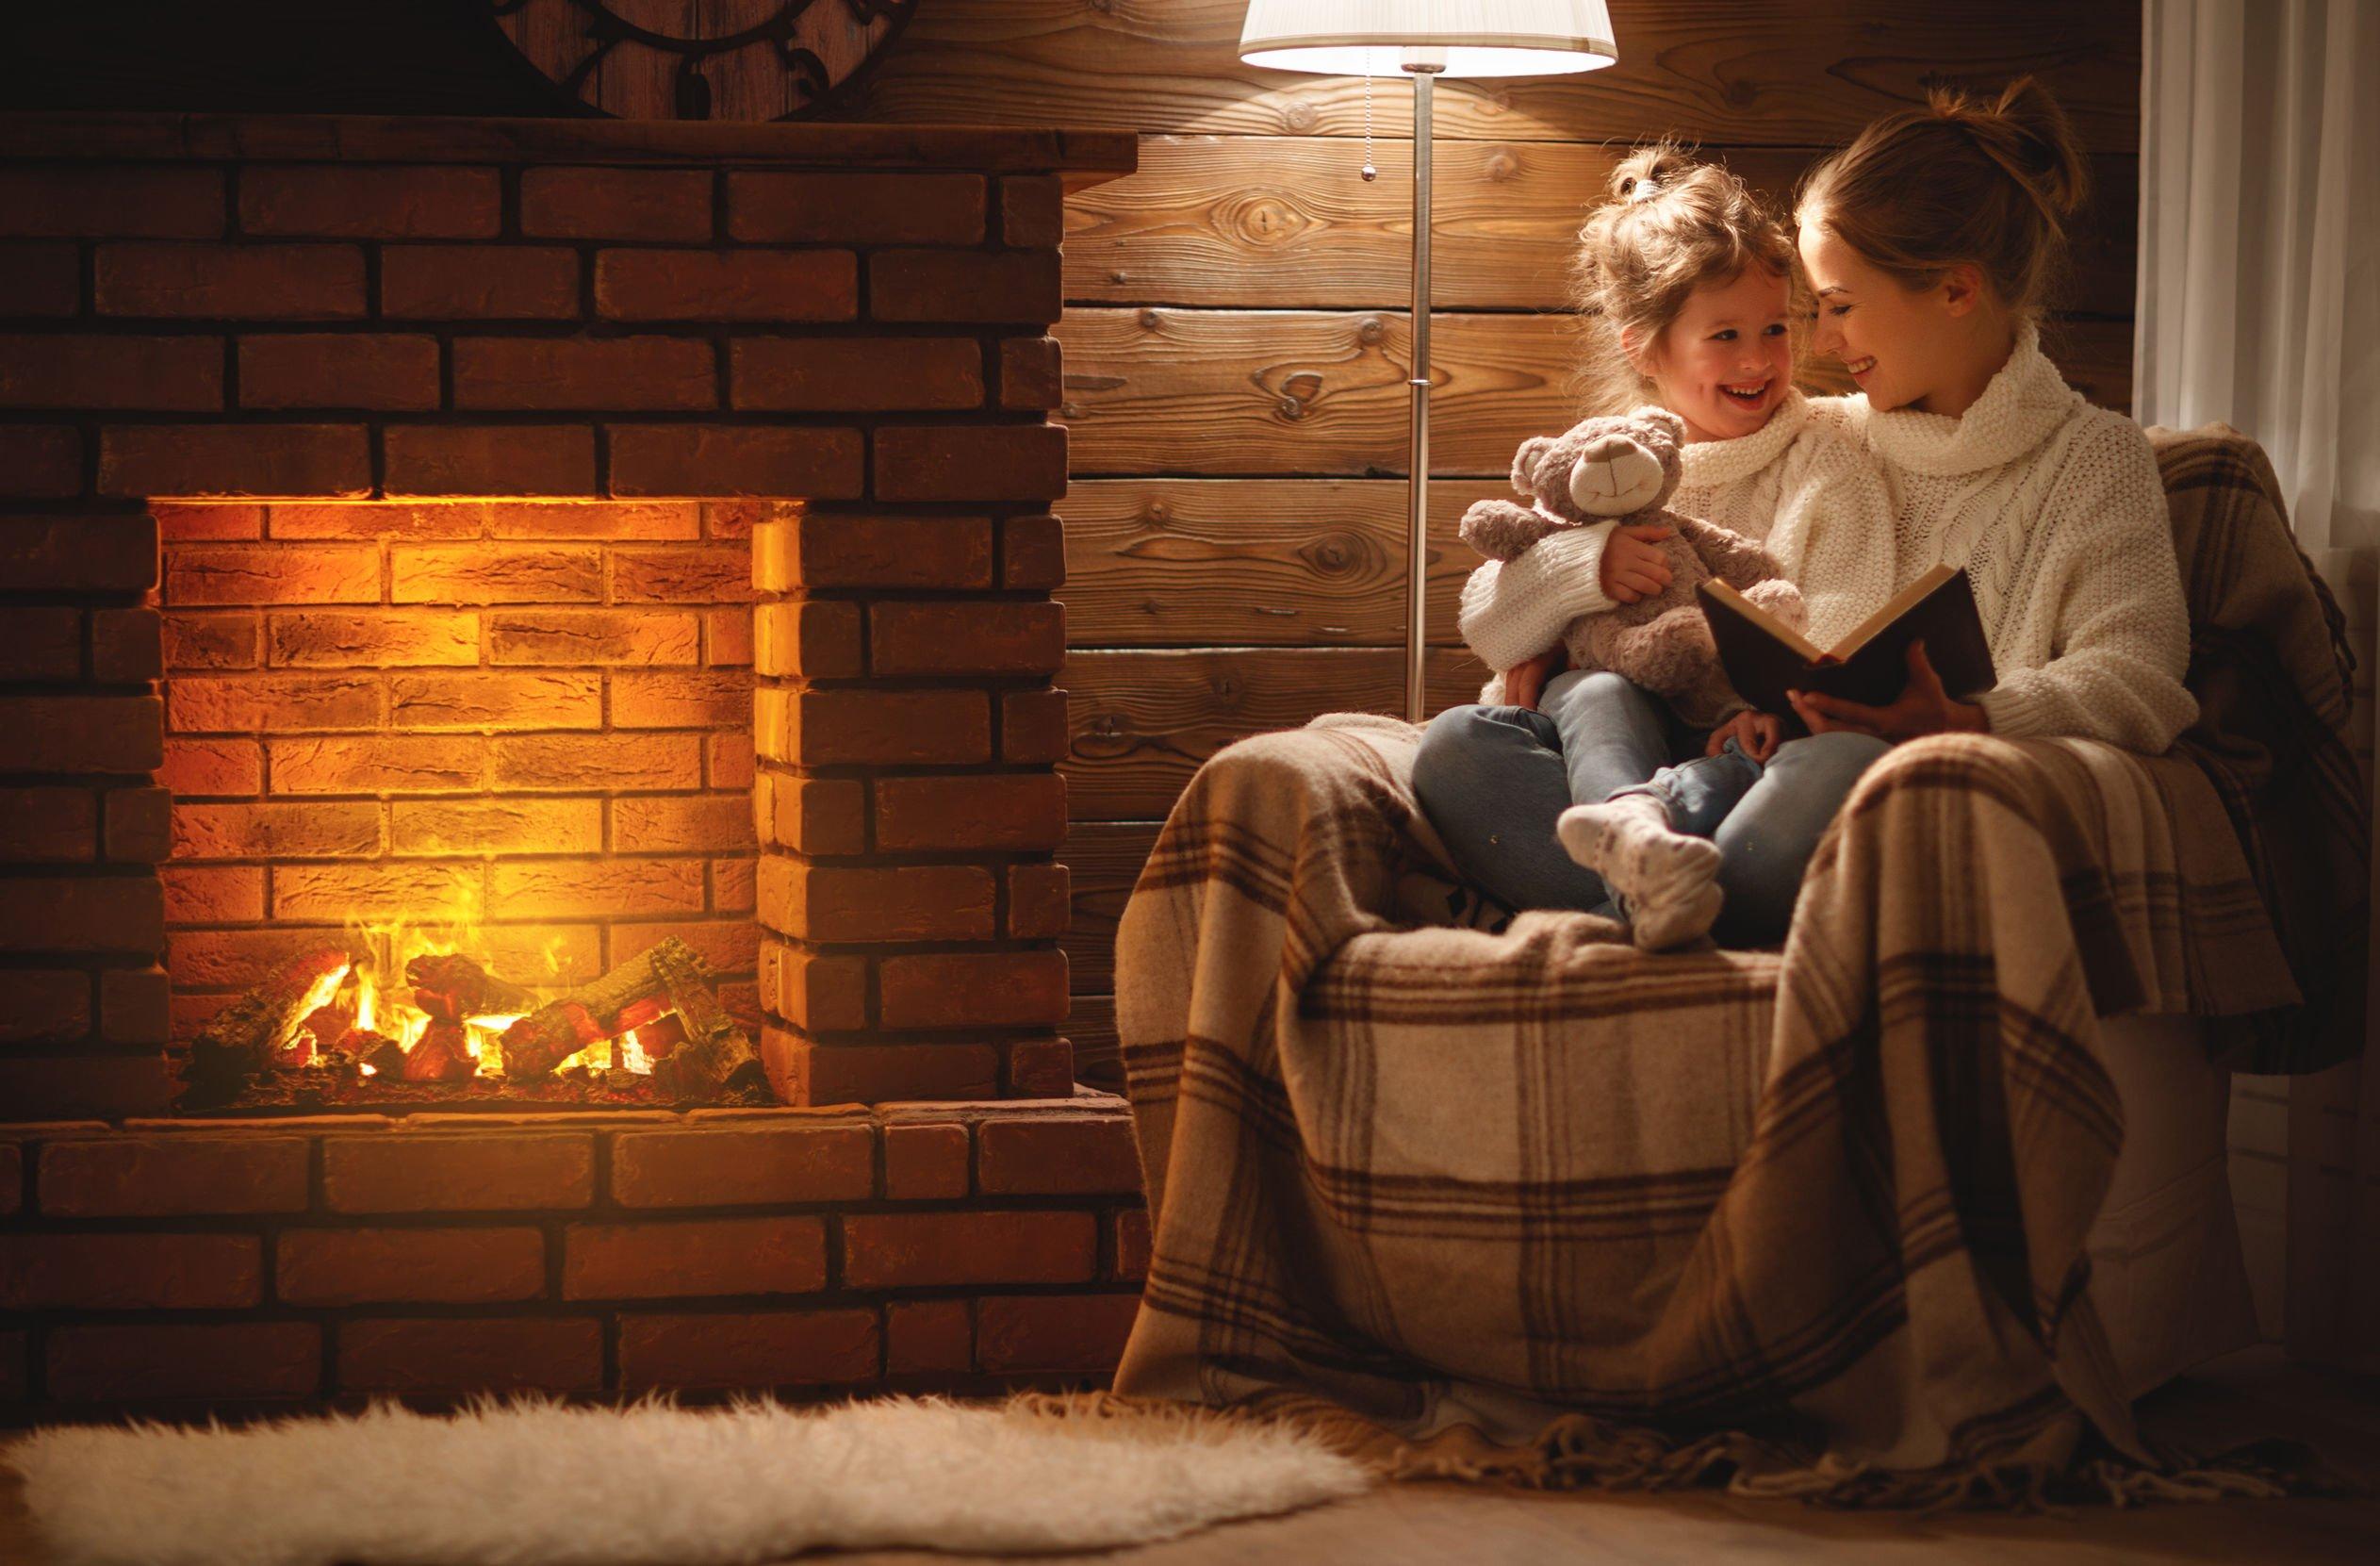 Mãe e filha sentadas em uma poltrona ao lado de uma lareira